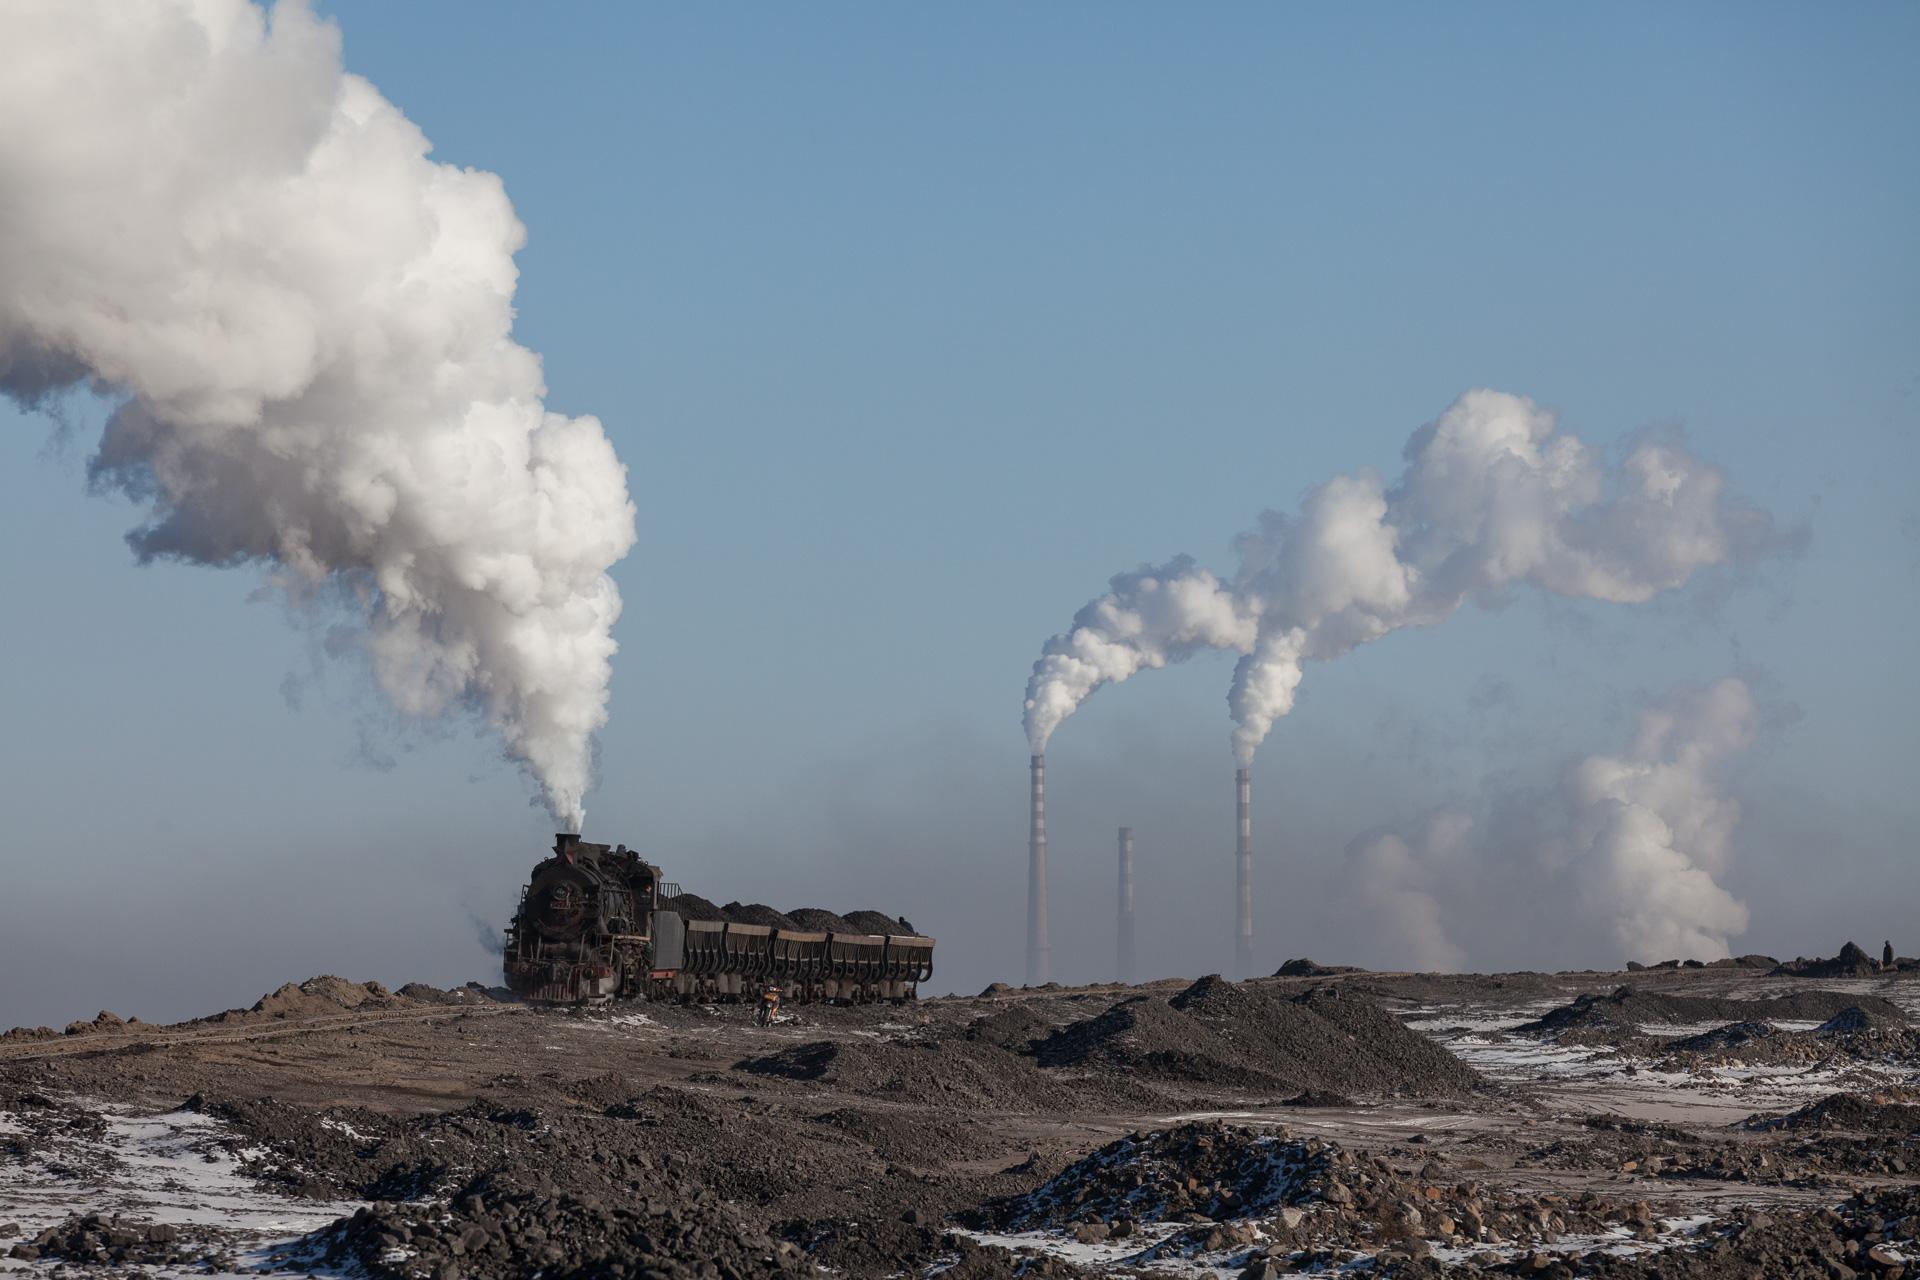 Der Abraum- und Schlackenberg überragt schon lange das Kohlekraftwerk in Fuxin.